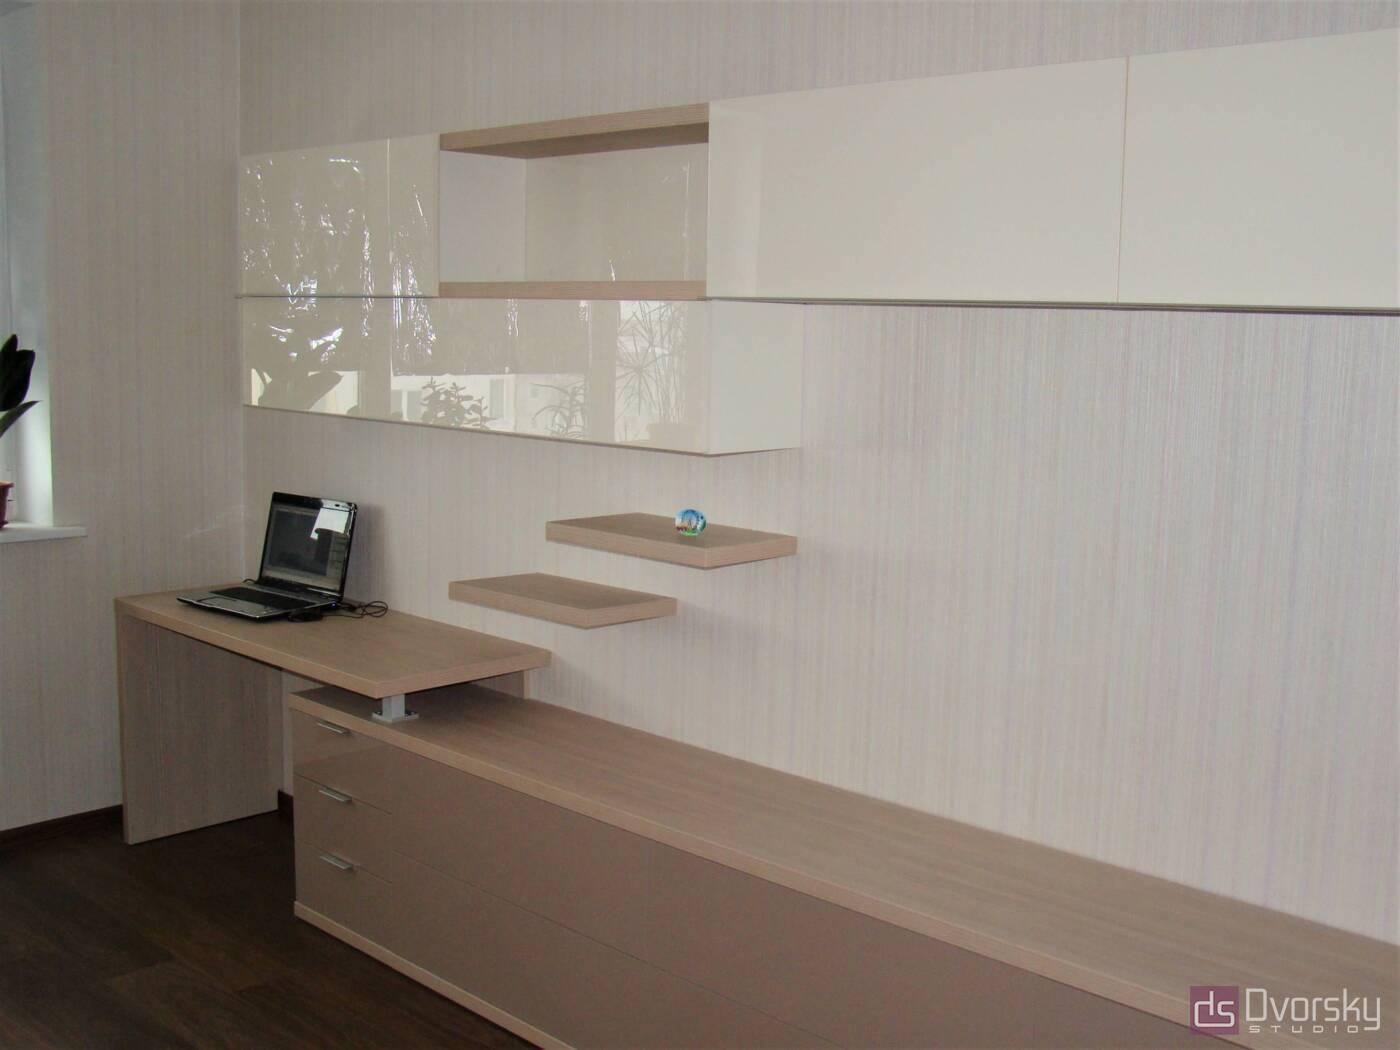 Гостиная Мебельная стенка для гостиной - Фото № 2